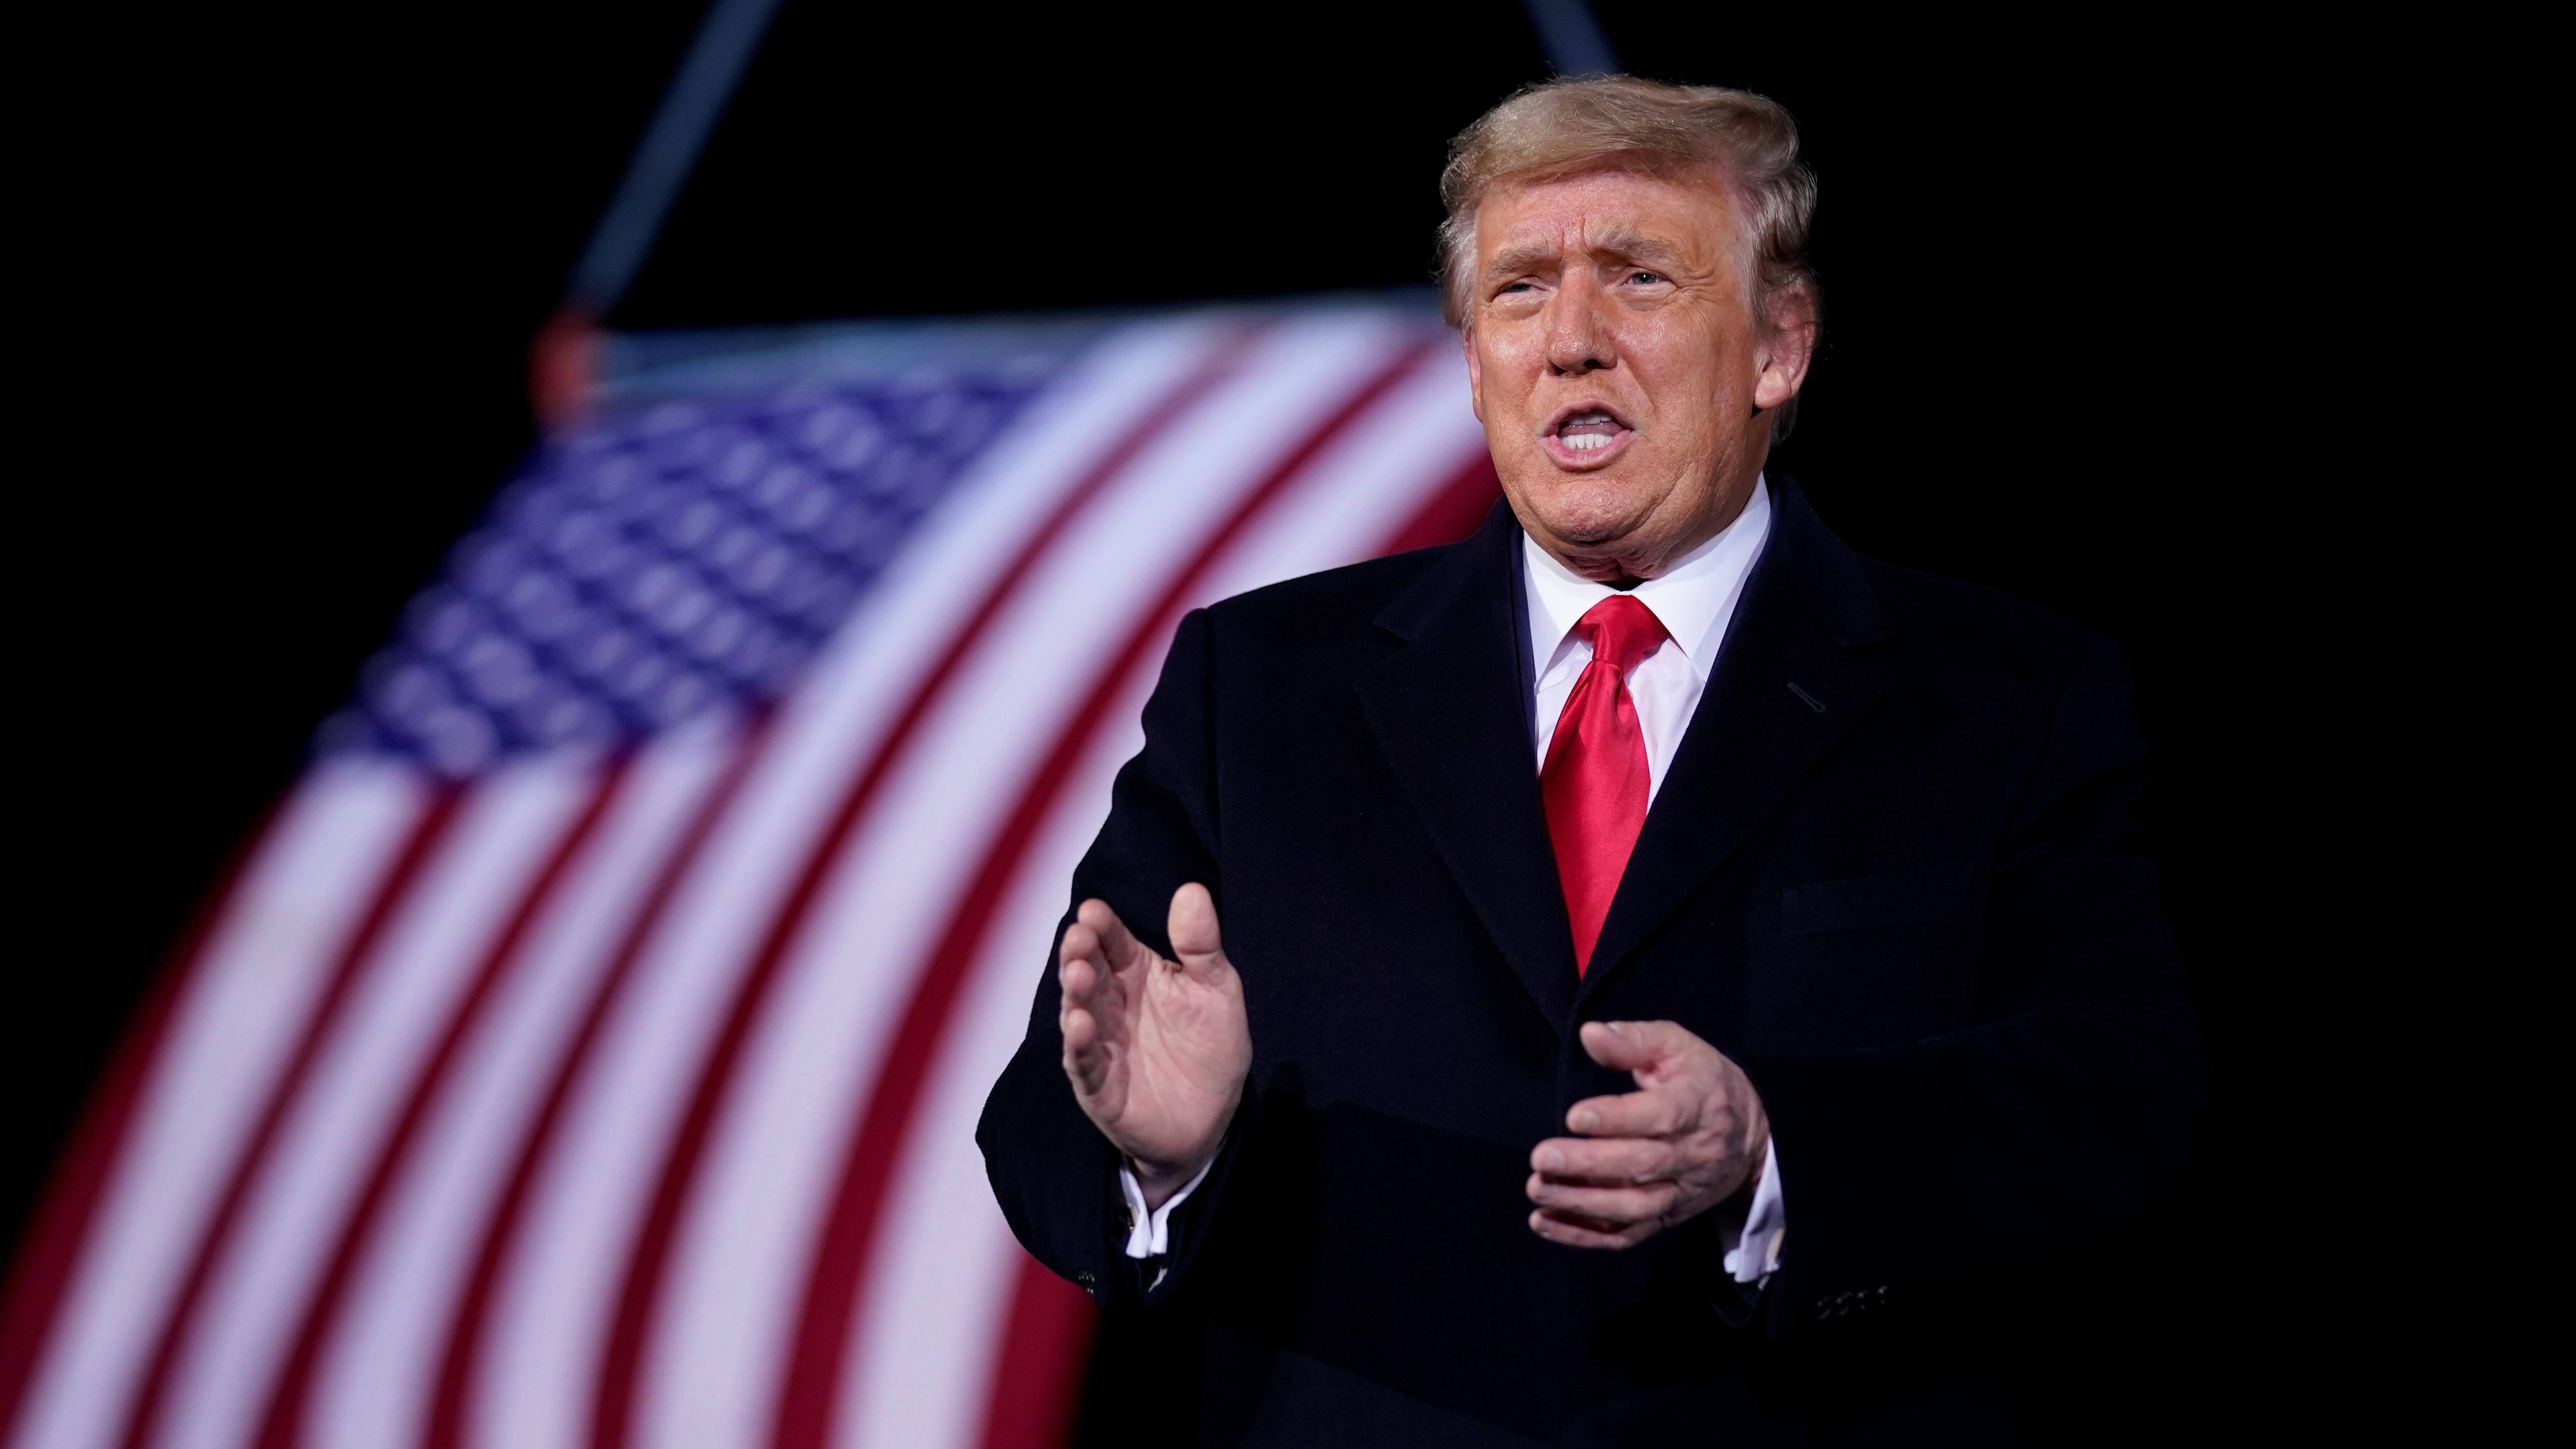 Donald Trump amerikai elnök beszél a Georgia állam hivatalban lévõ republikánus szenátorait, Kelly Loefflert és David Perduet támogató kampányrendezvényen a Georgia állambeli Dalton repülõterén.